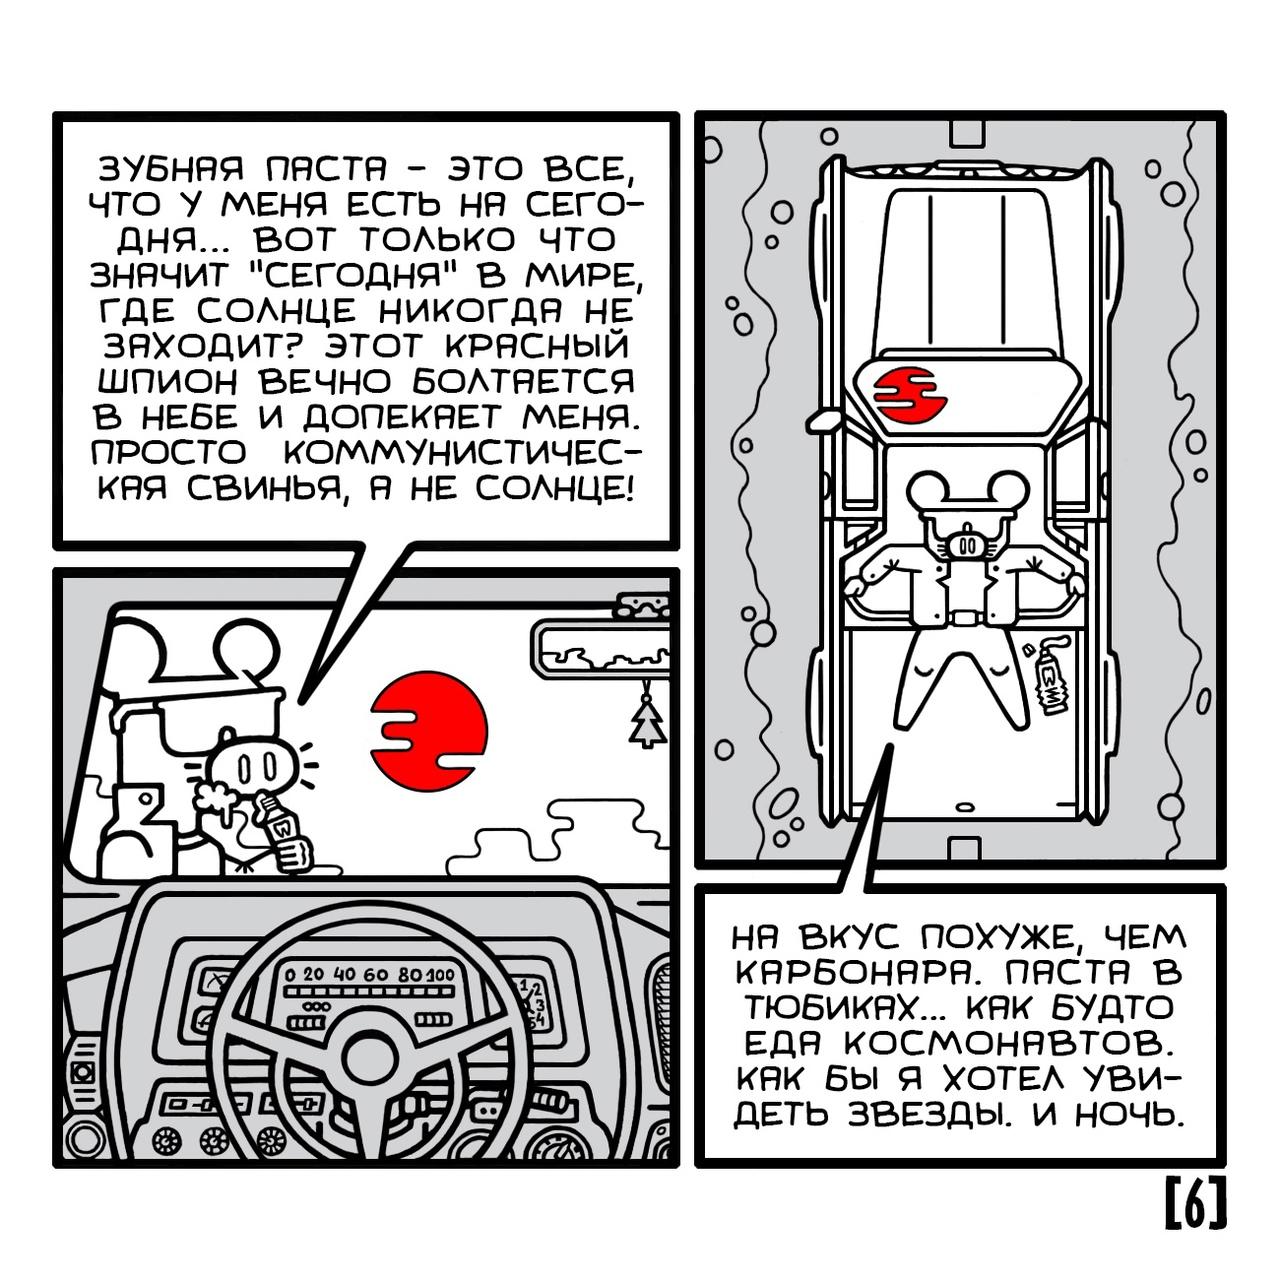 Автор комикса «Поросёнок-Мышь»: оконцепции, вдохновении и фантастики 7